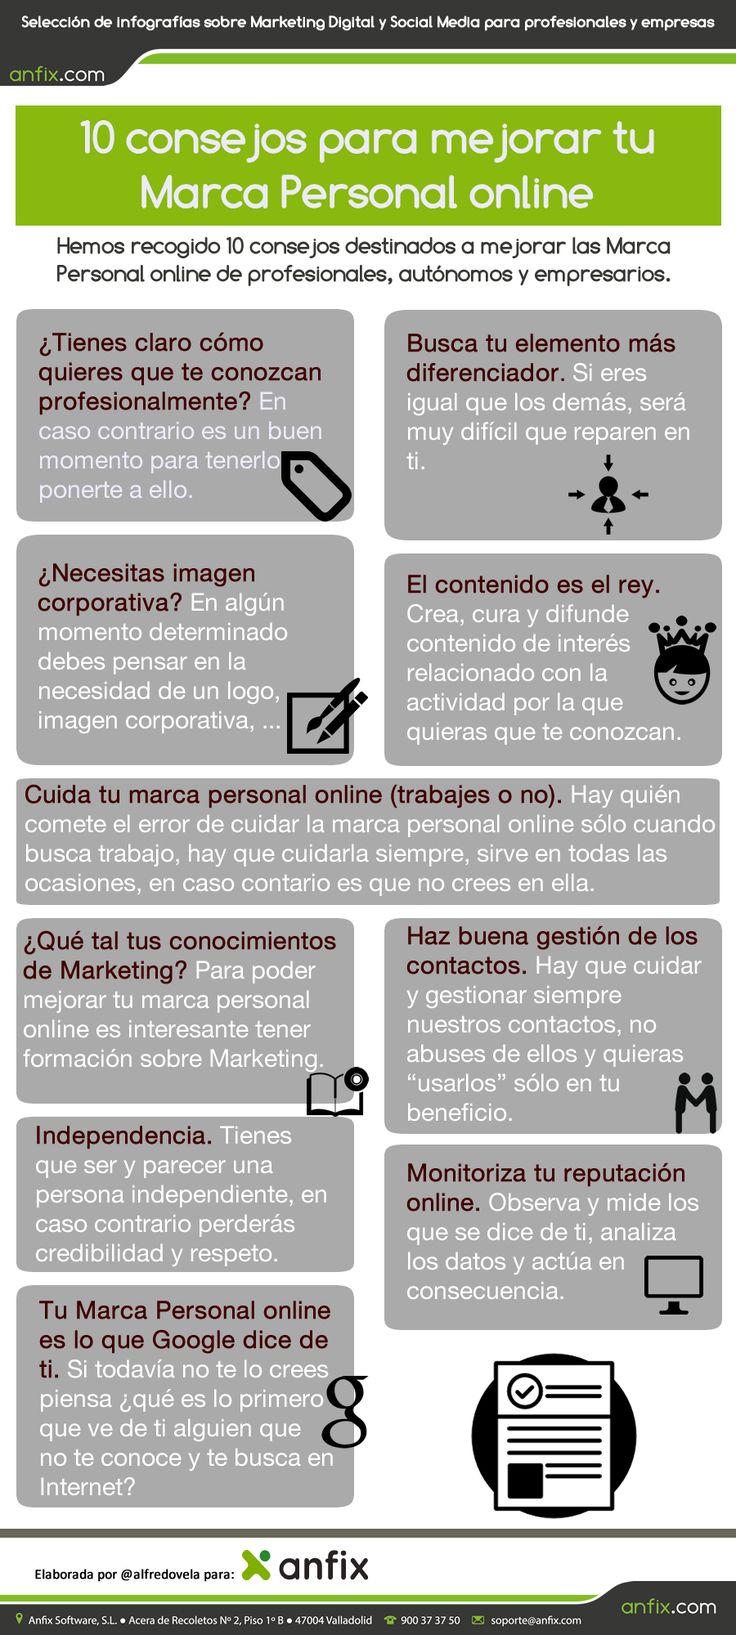 10 consejos para mejorar tu Marca Personal online